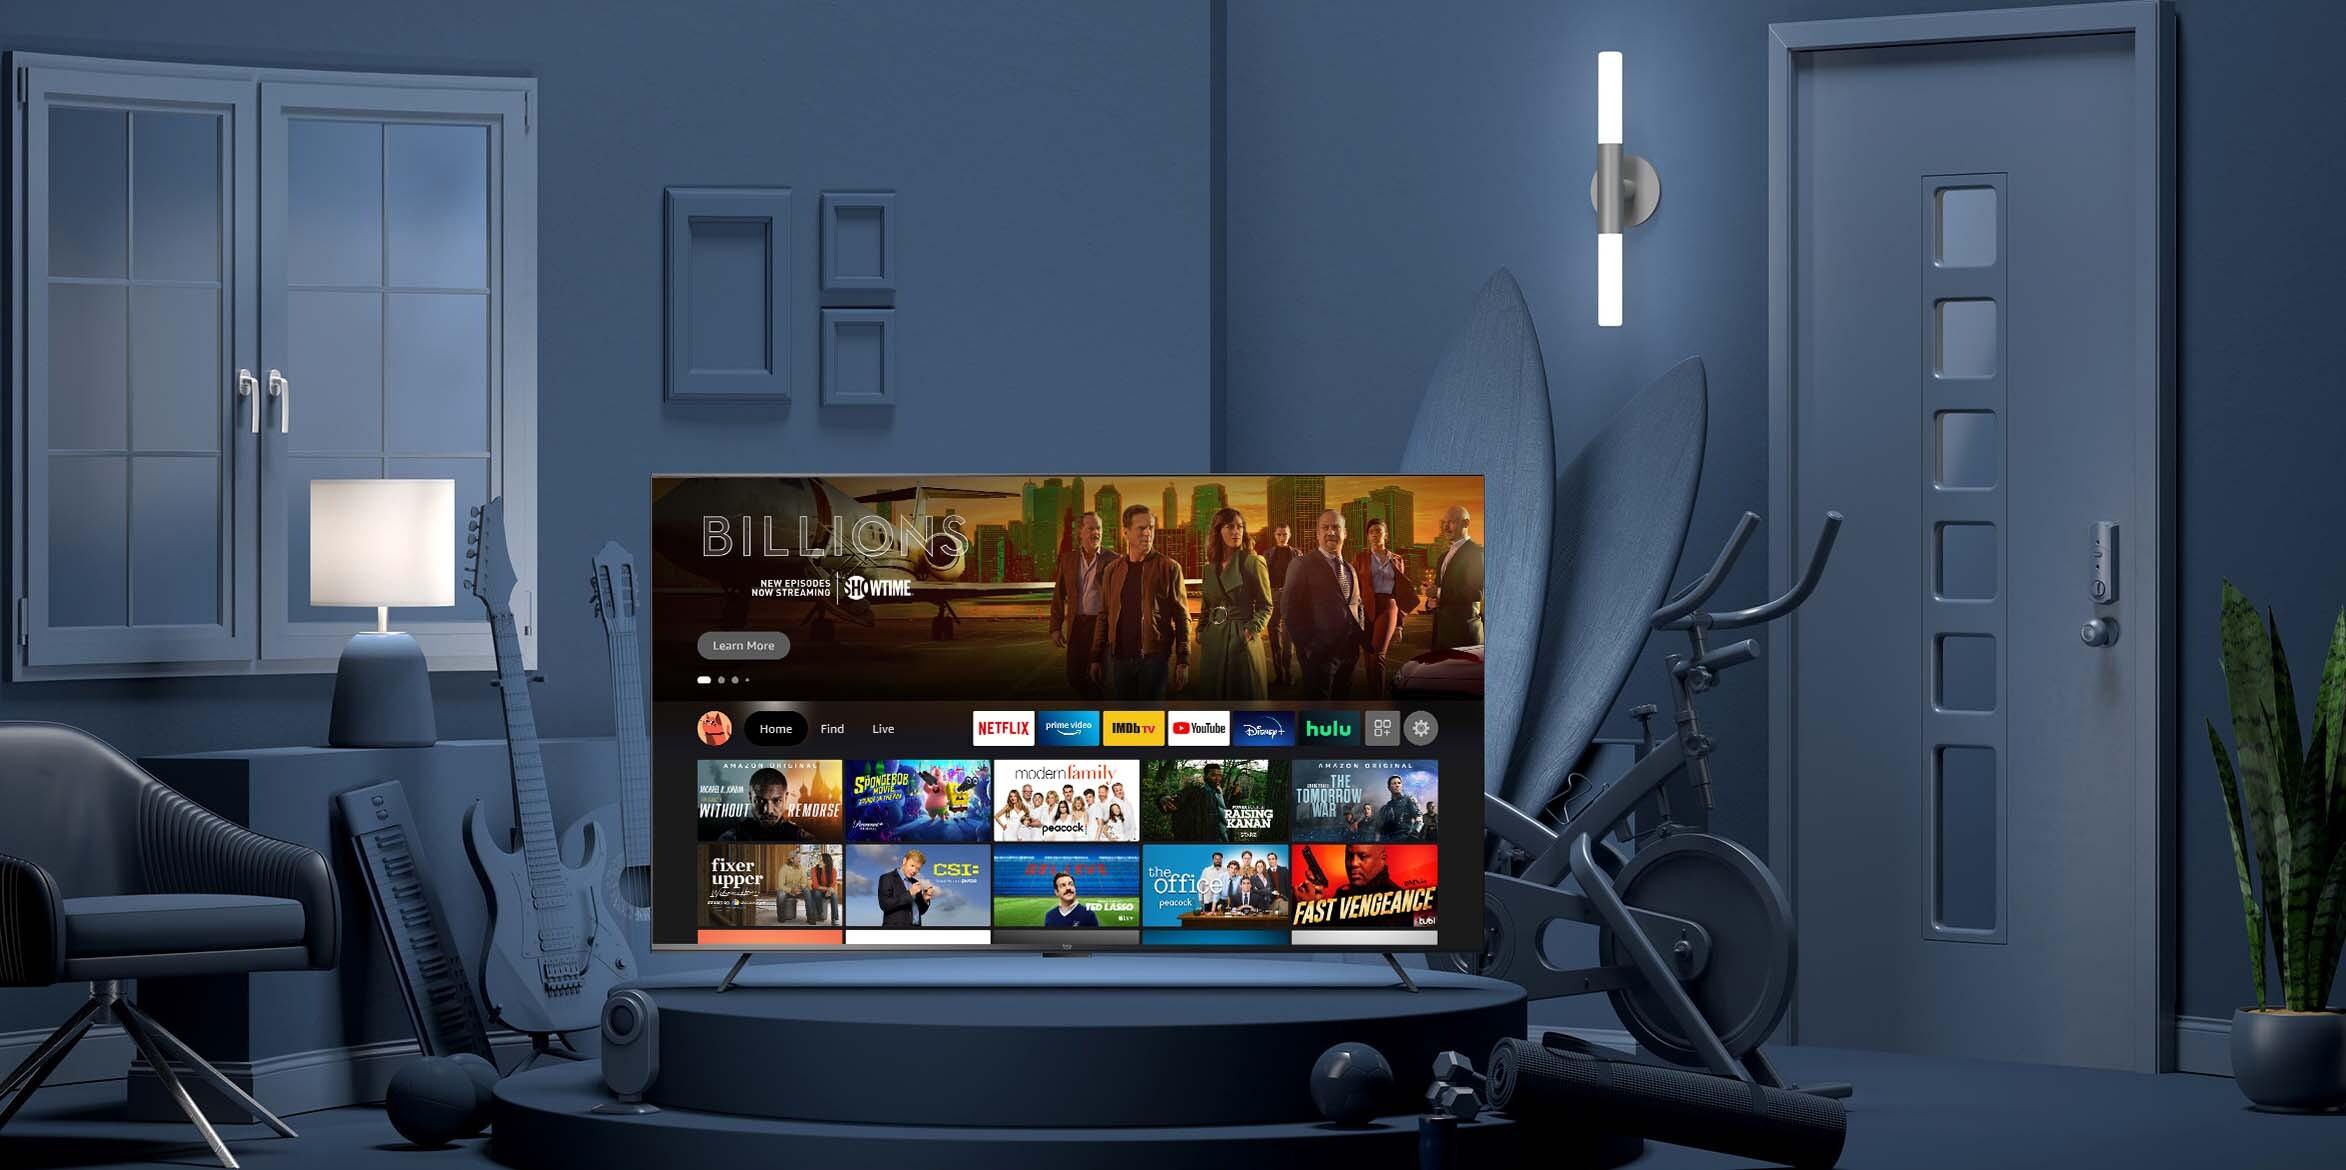 Amazon'un büyük Fire TV yenilemesi, kendi 'Omni' serisinin lansmanını içeriyor | Engadget